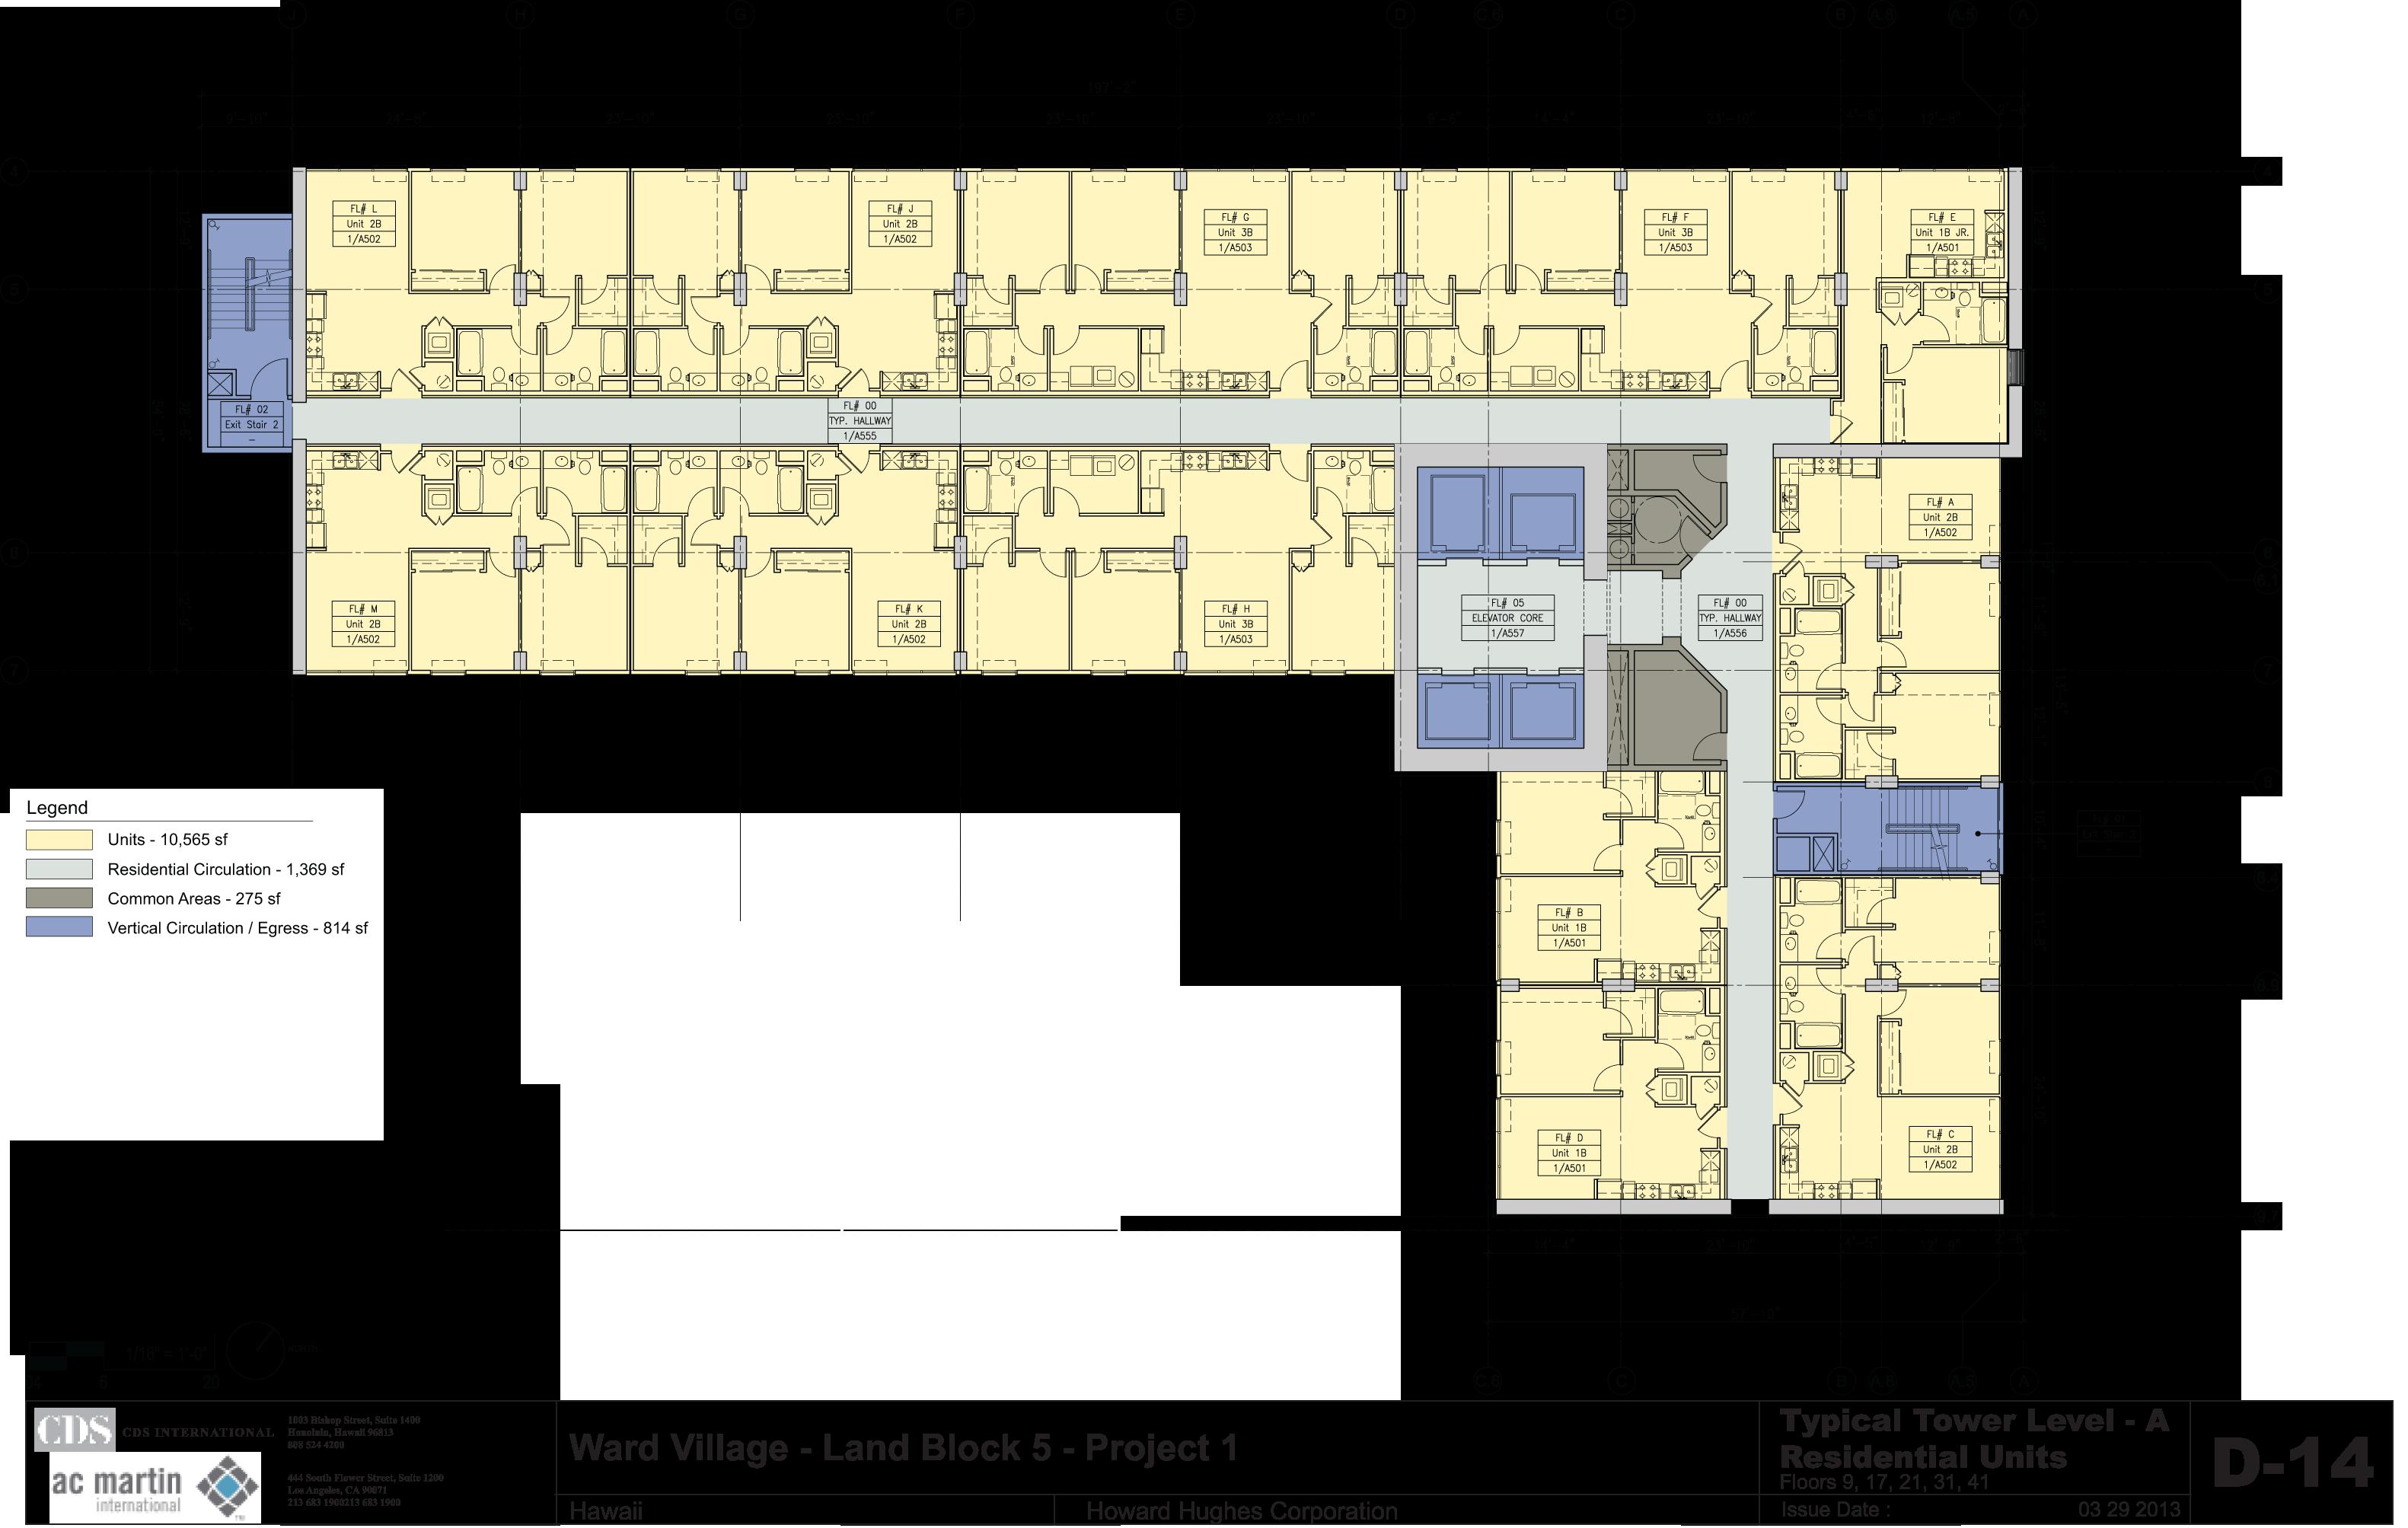 A Floors - 9,17,21,31,41